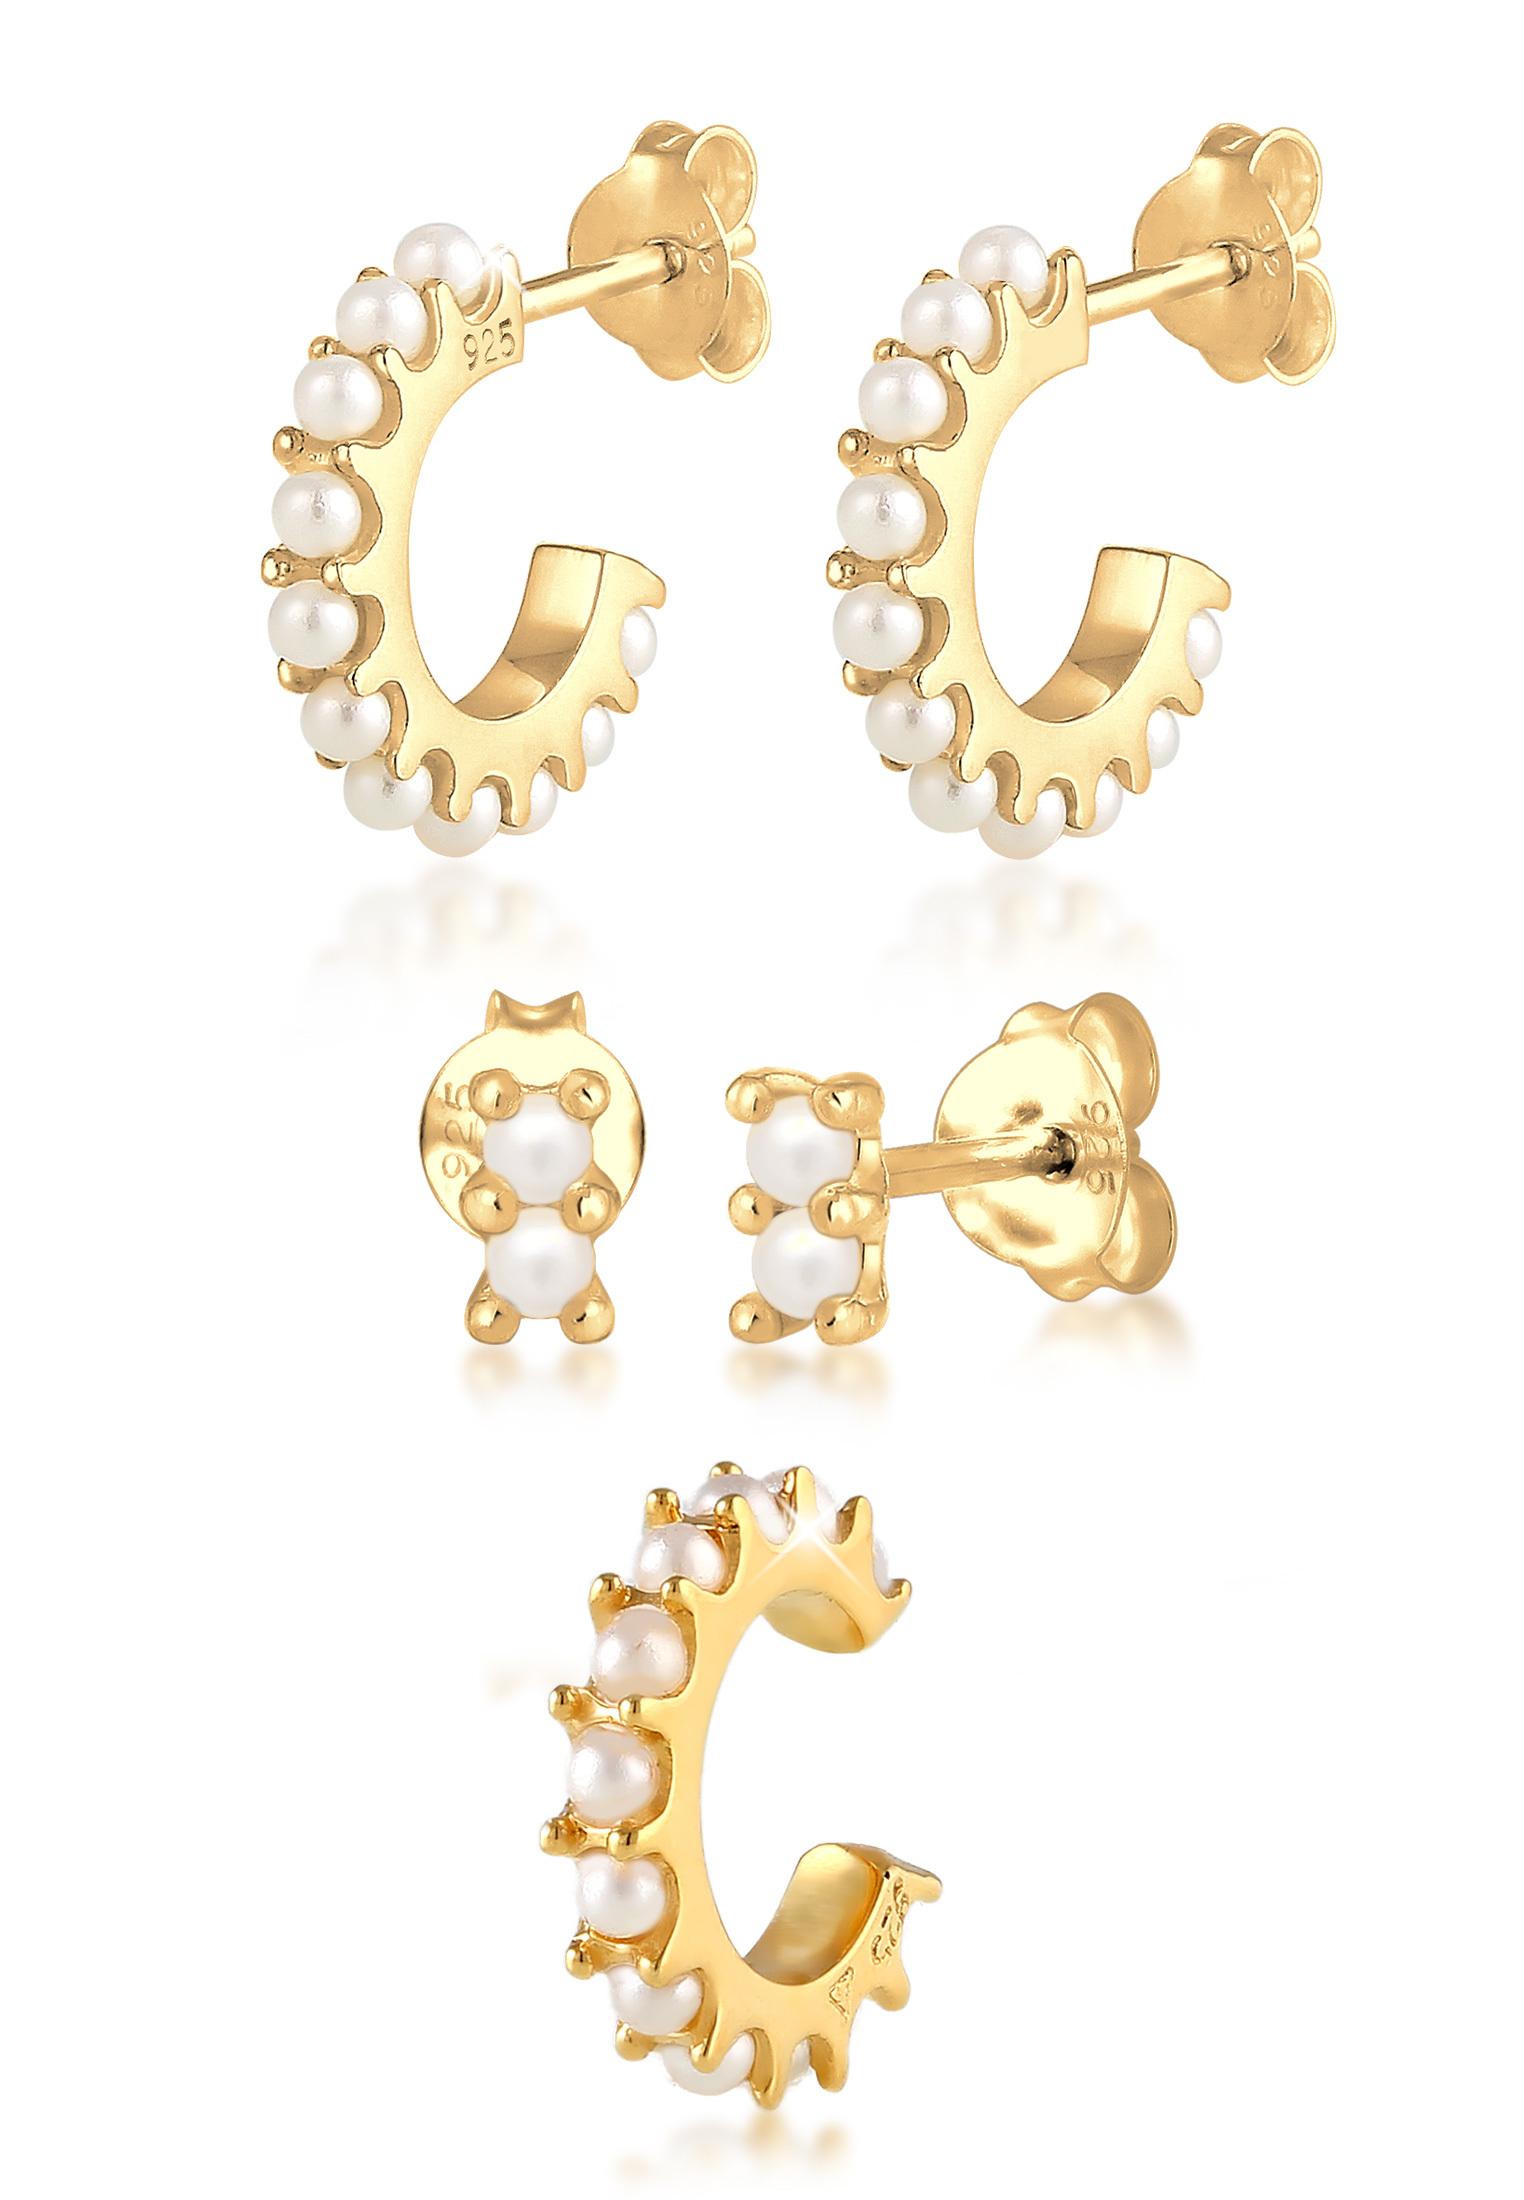 Ohrringset | Perle | 925 Sterling Silber vergoldet